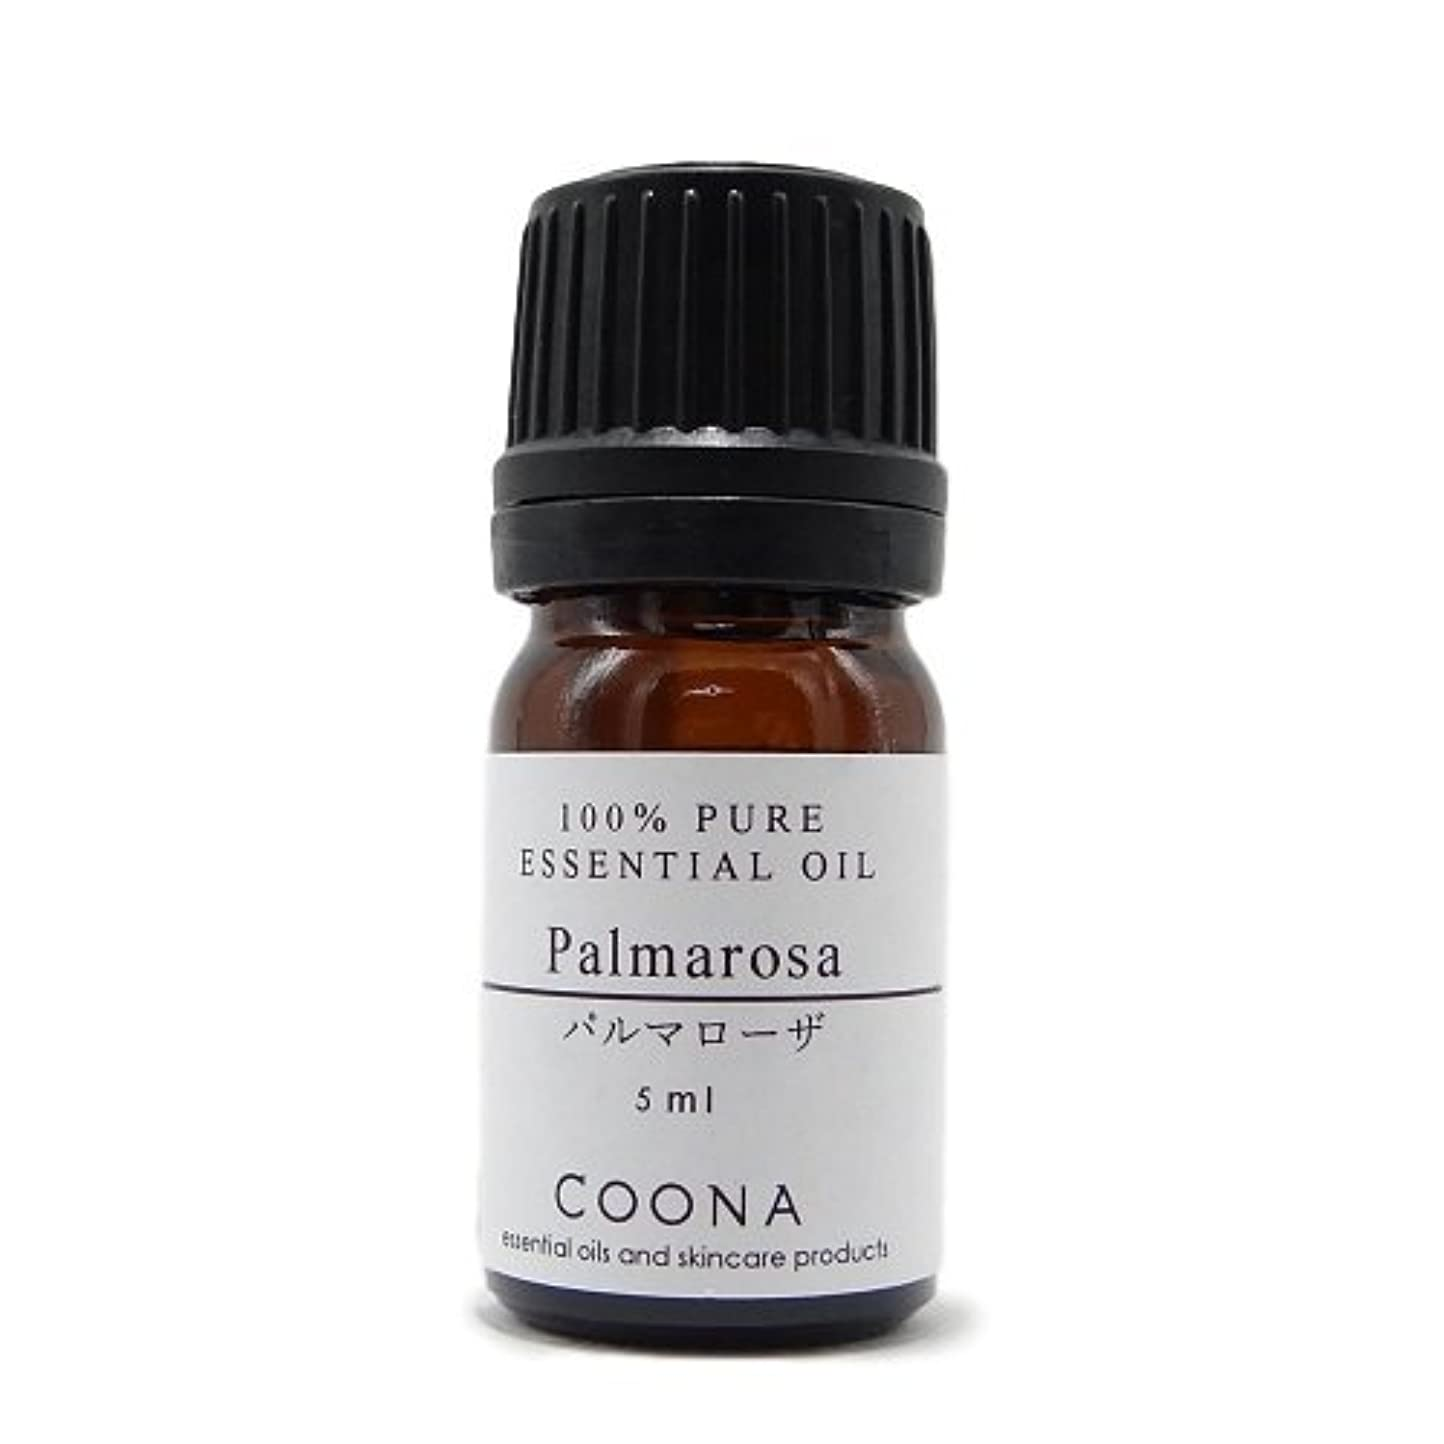 事実上ステッチ病なパルマローザ 5 ml (COONA エッセンシャルオイル アロマオイル 100%天然植物精油)